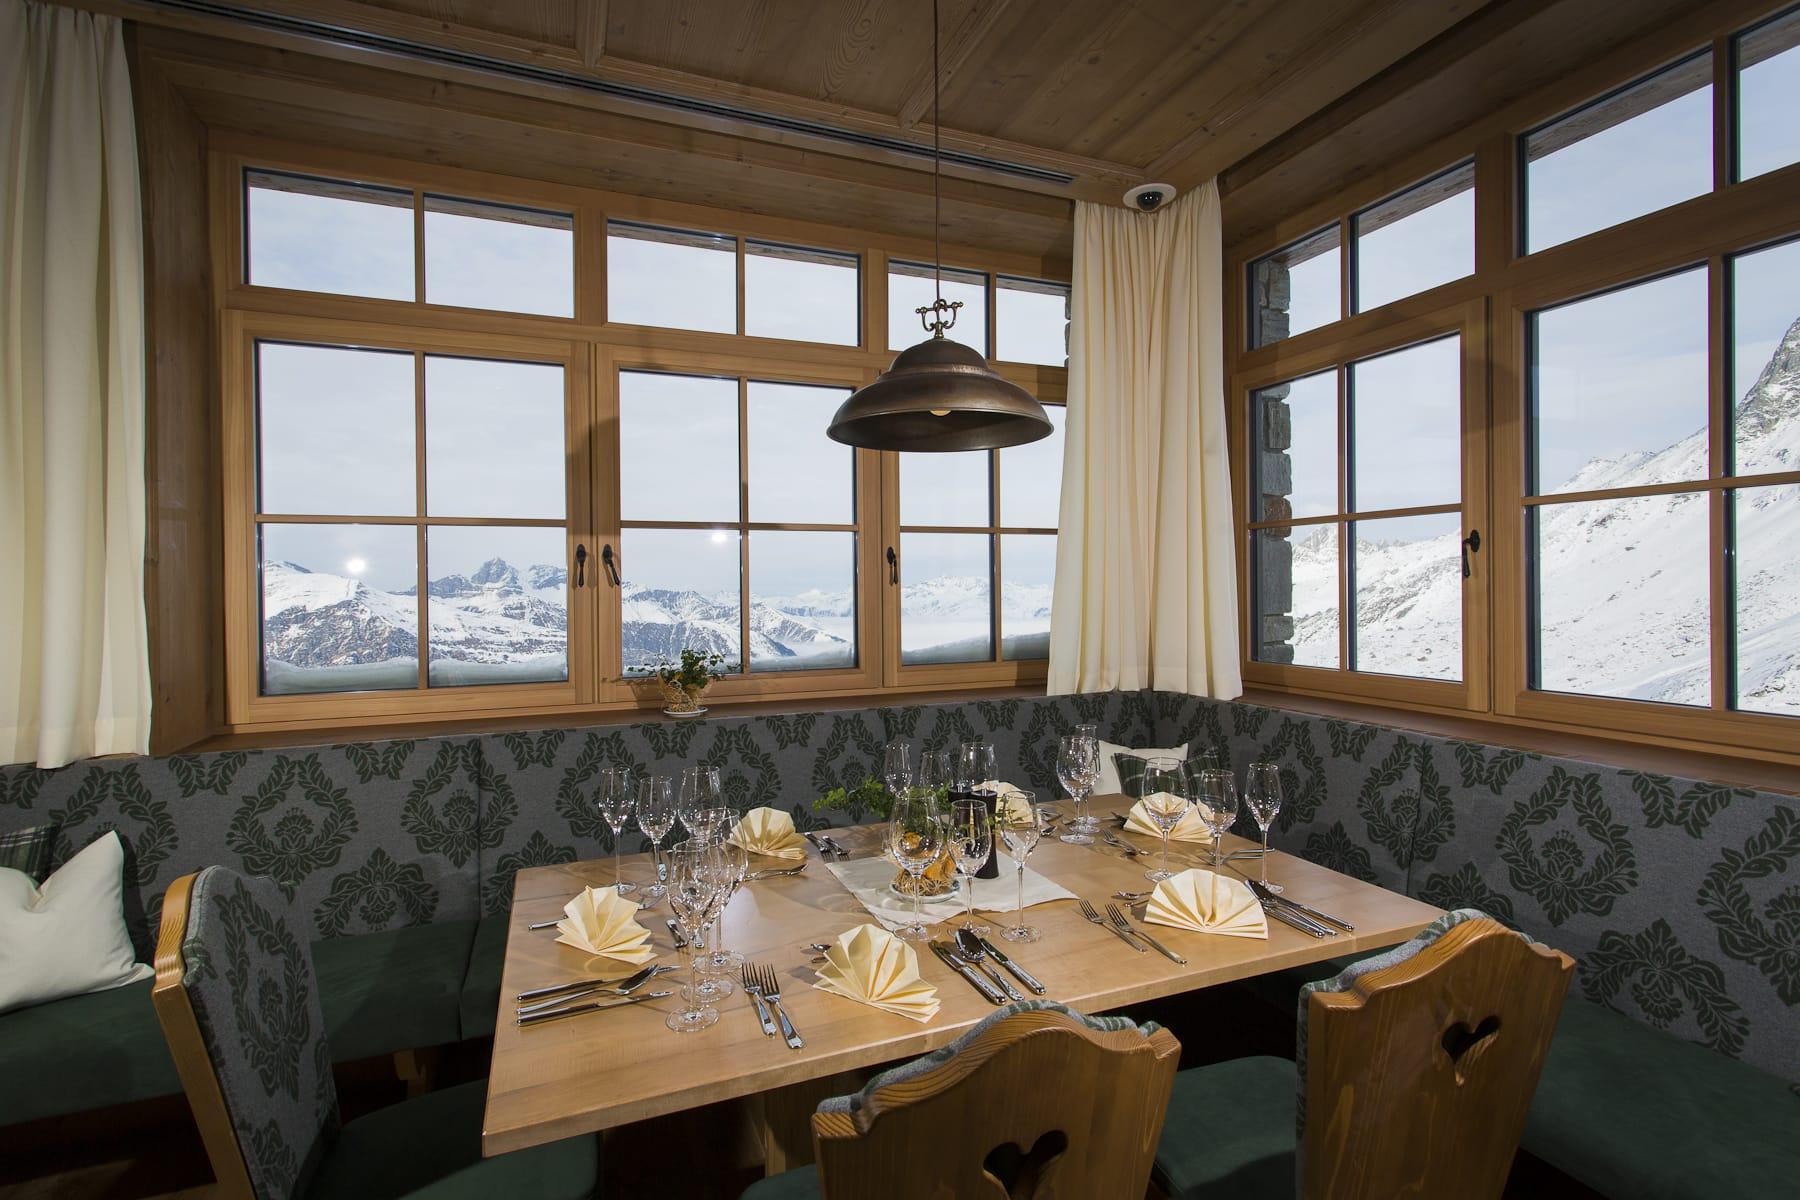 Bautagebuch | Spannagelhaus am Hintertuxer Gletscher